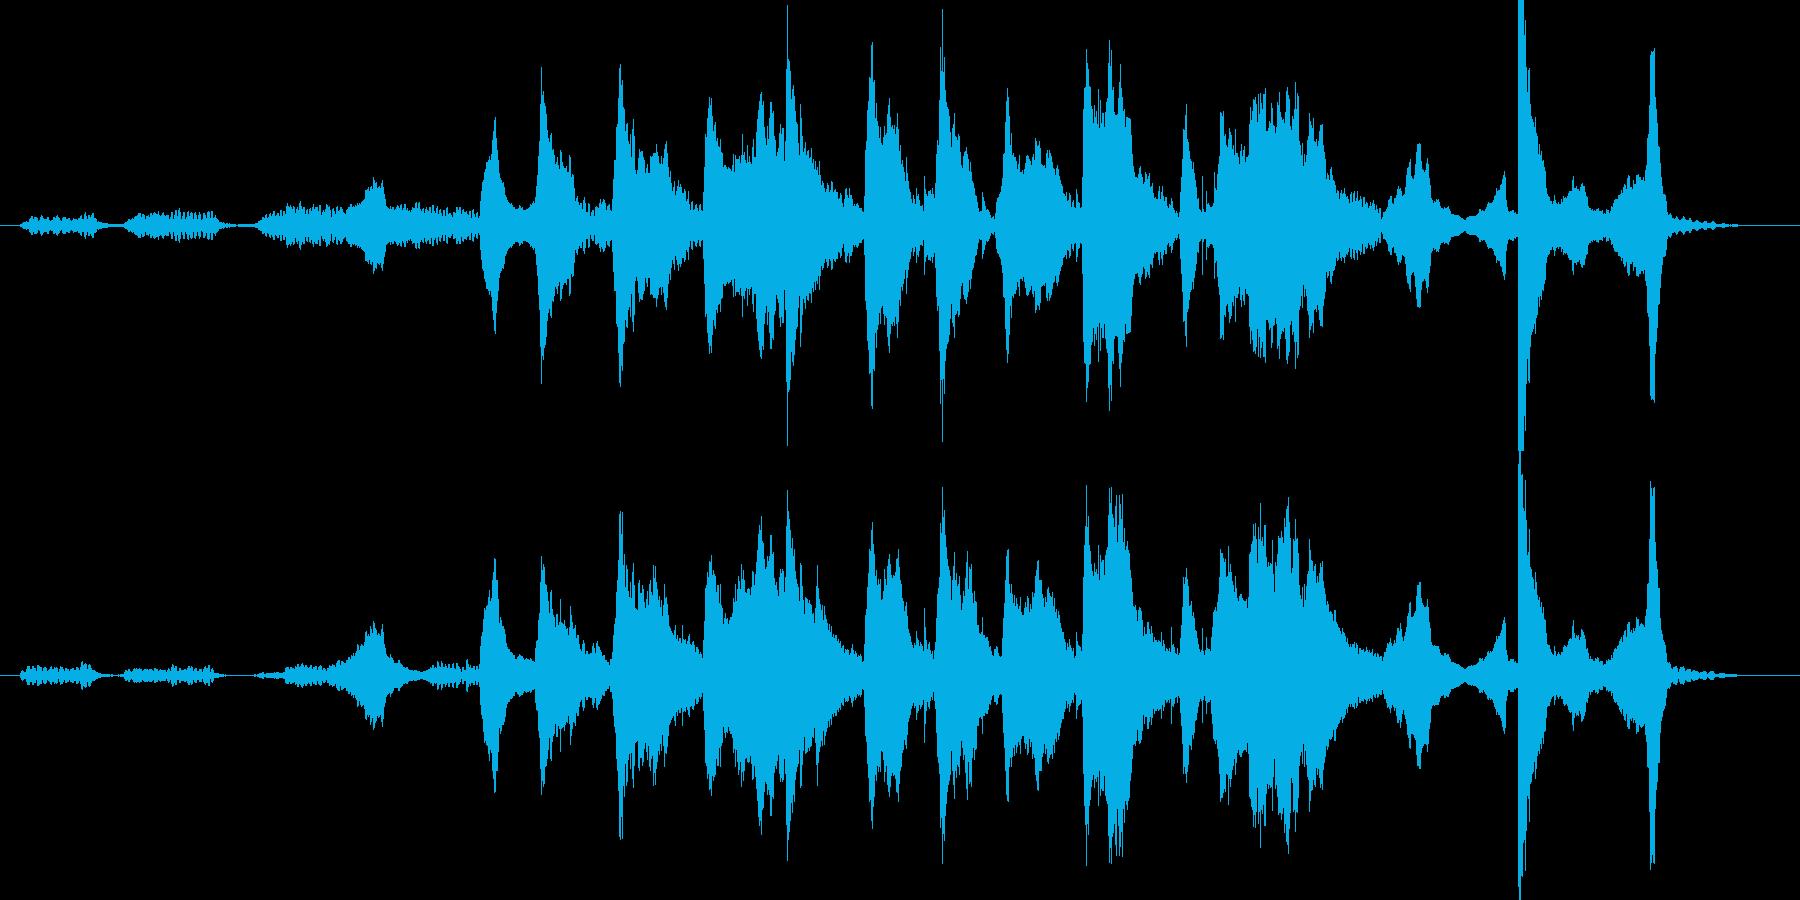 恐怖ホラー系インスト、SE。ロング尺。…の再生済みの波形